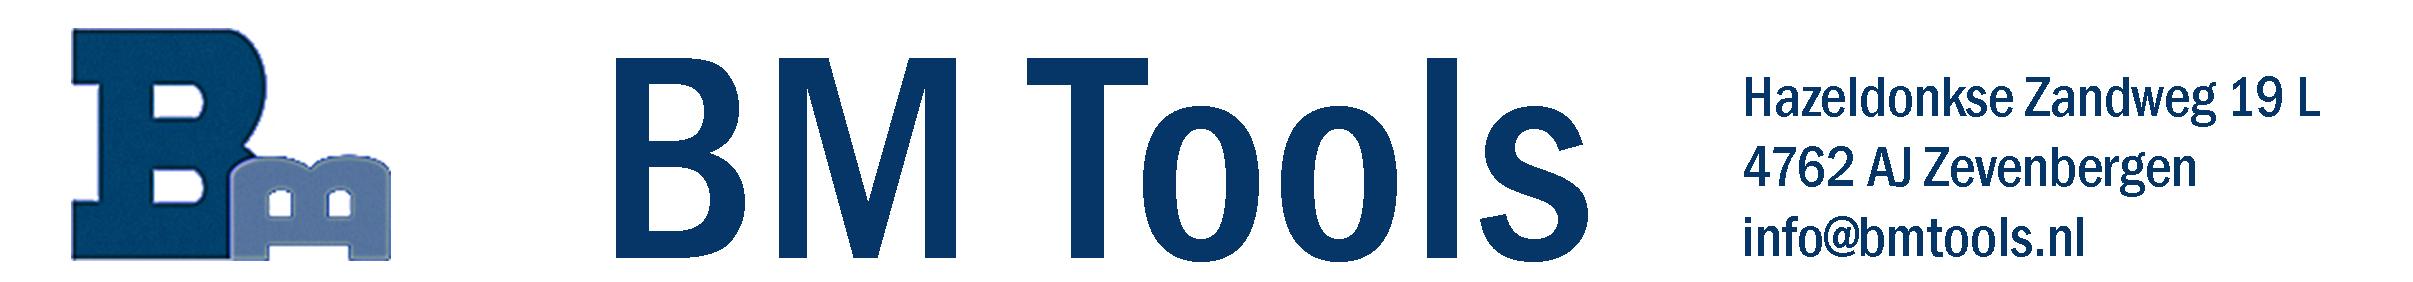 BM Tools